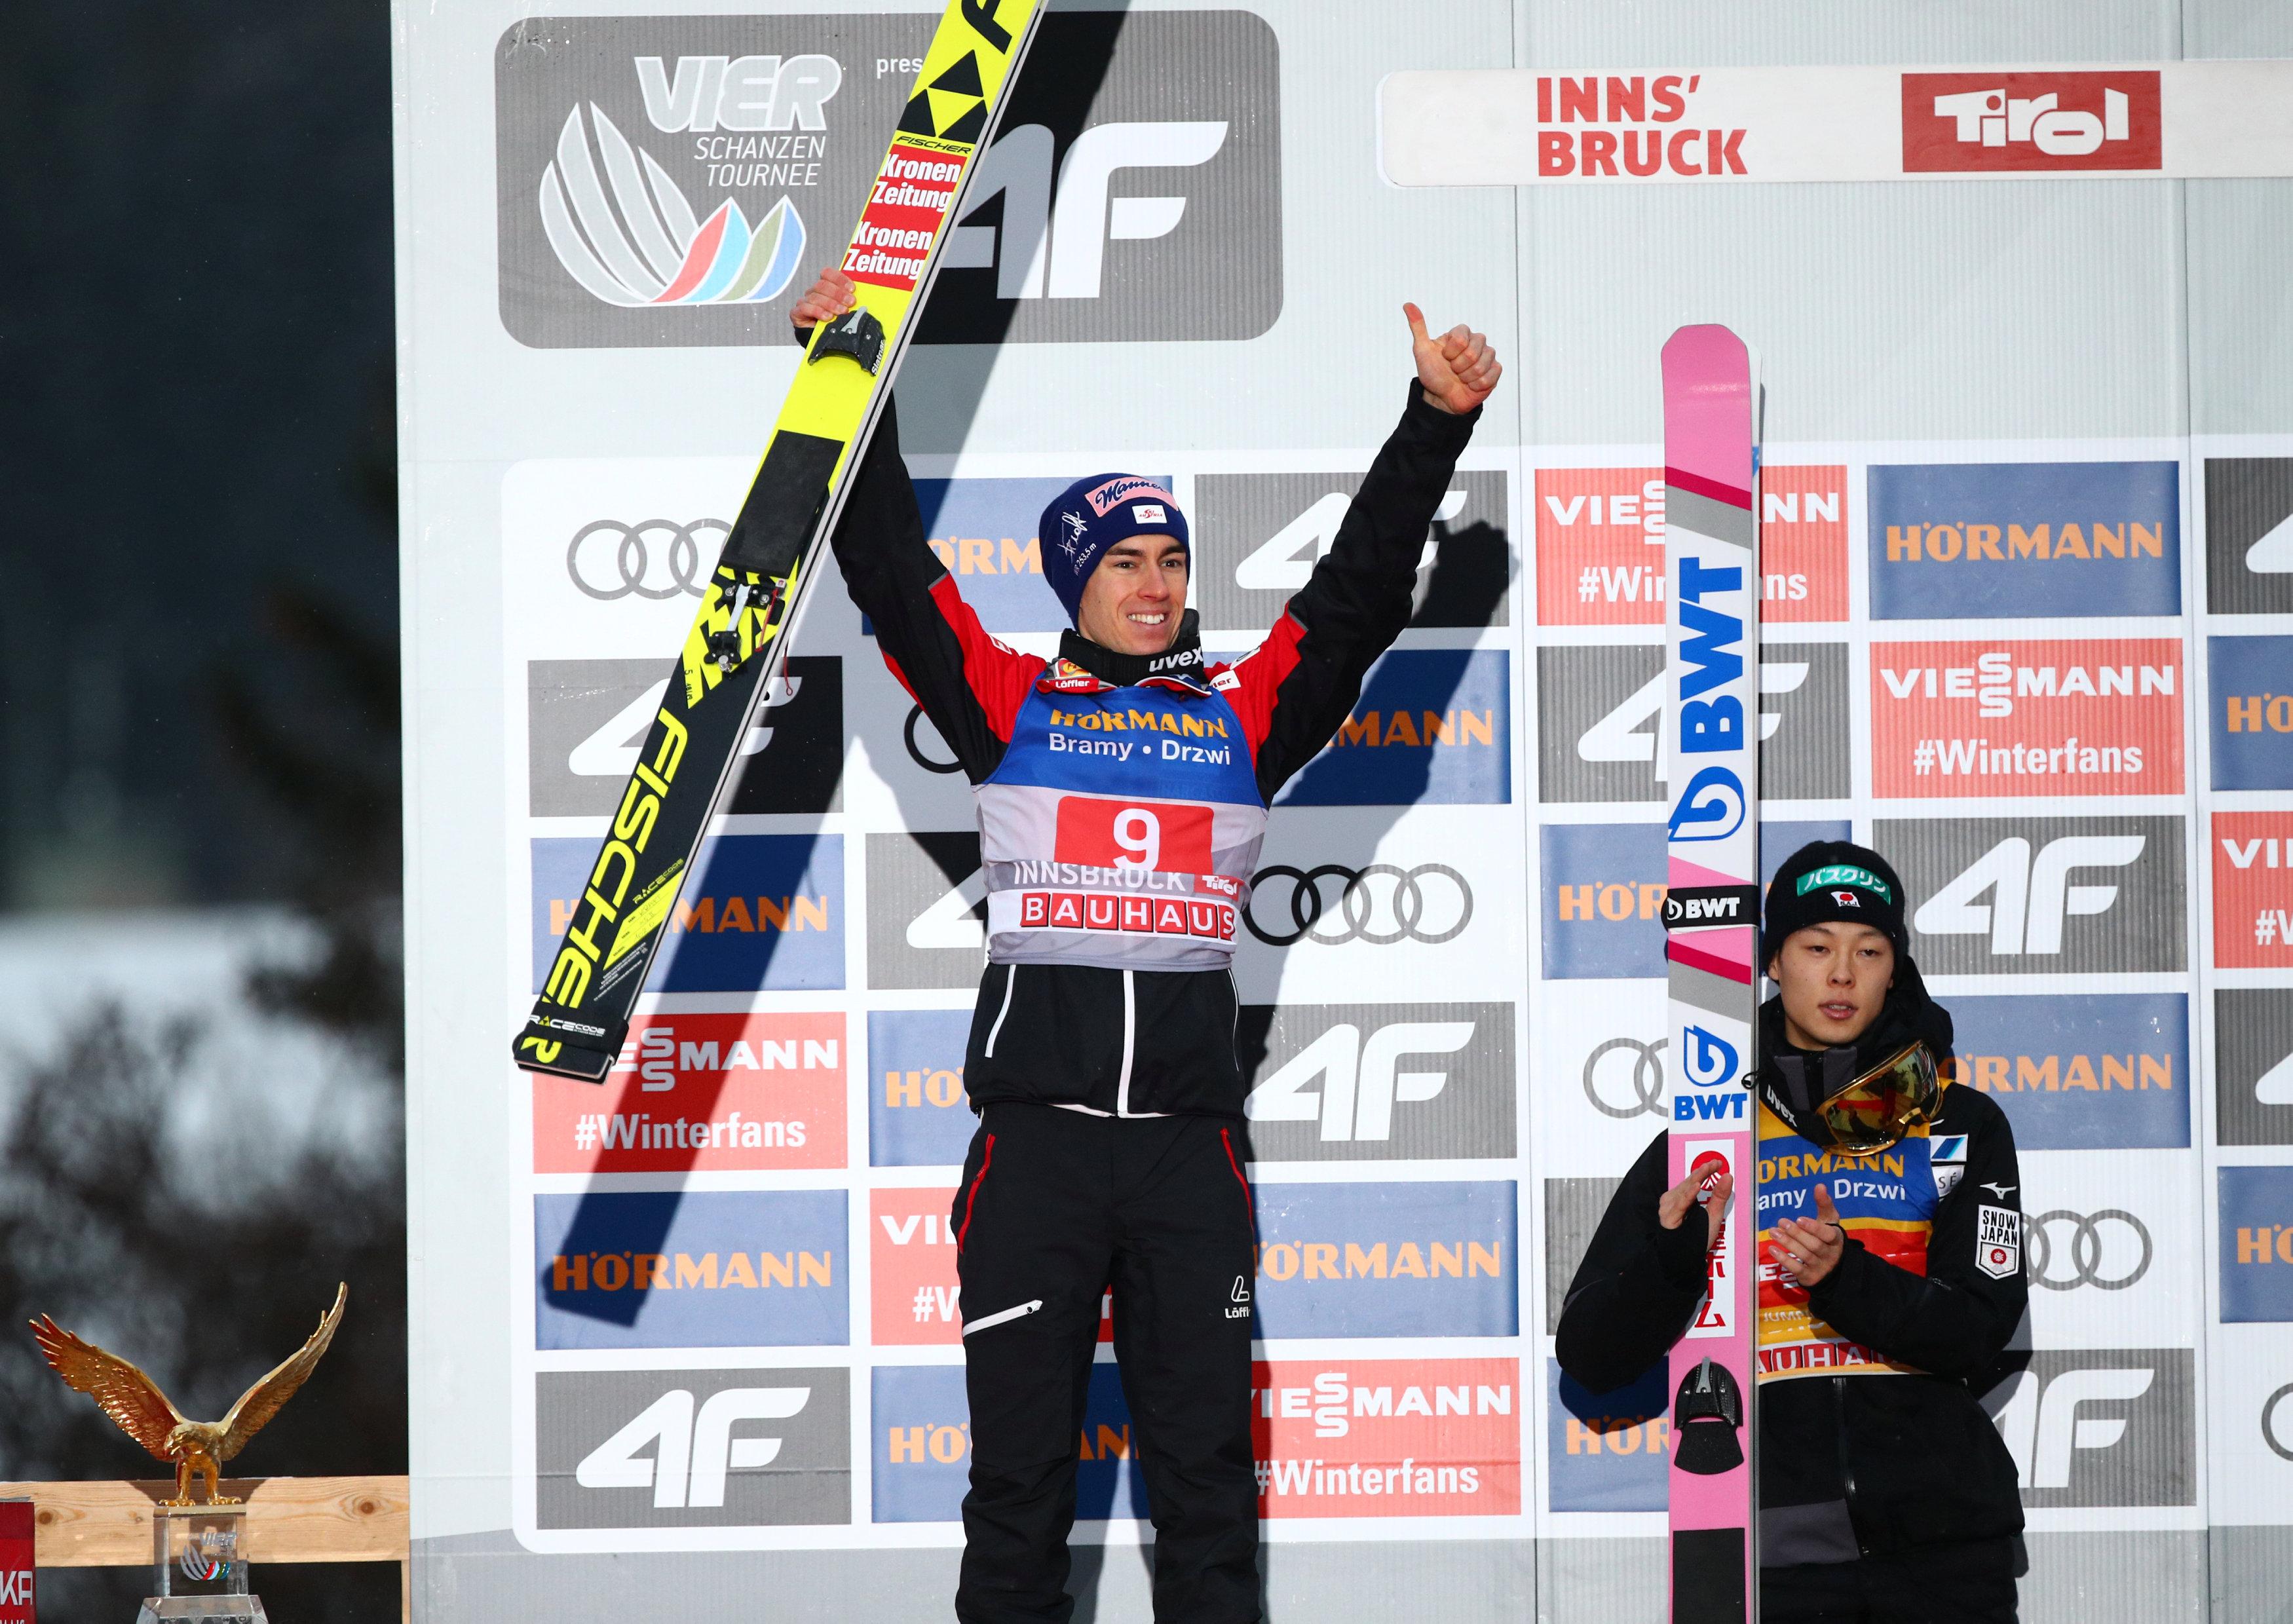 2019 01 04t151941z 1752675977 rc1d947e3bb0 rtrmadp 3 ski jumping 4hill innsbruck